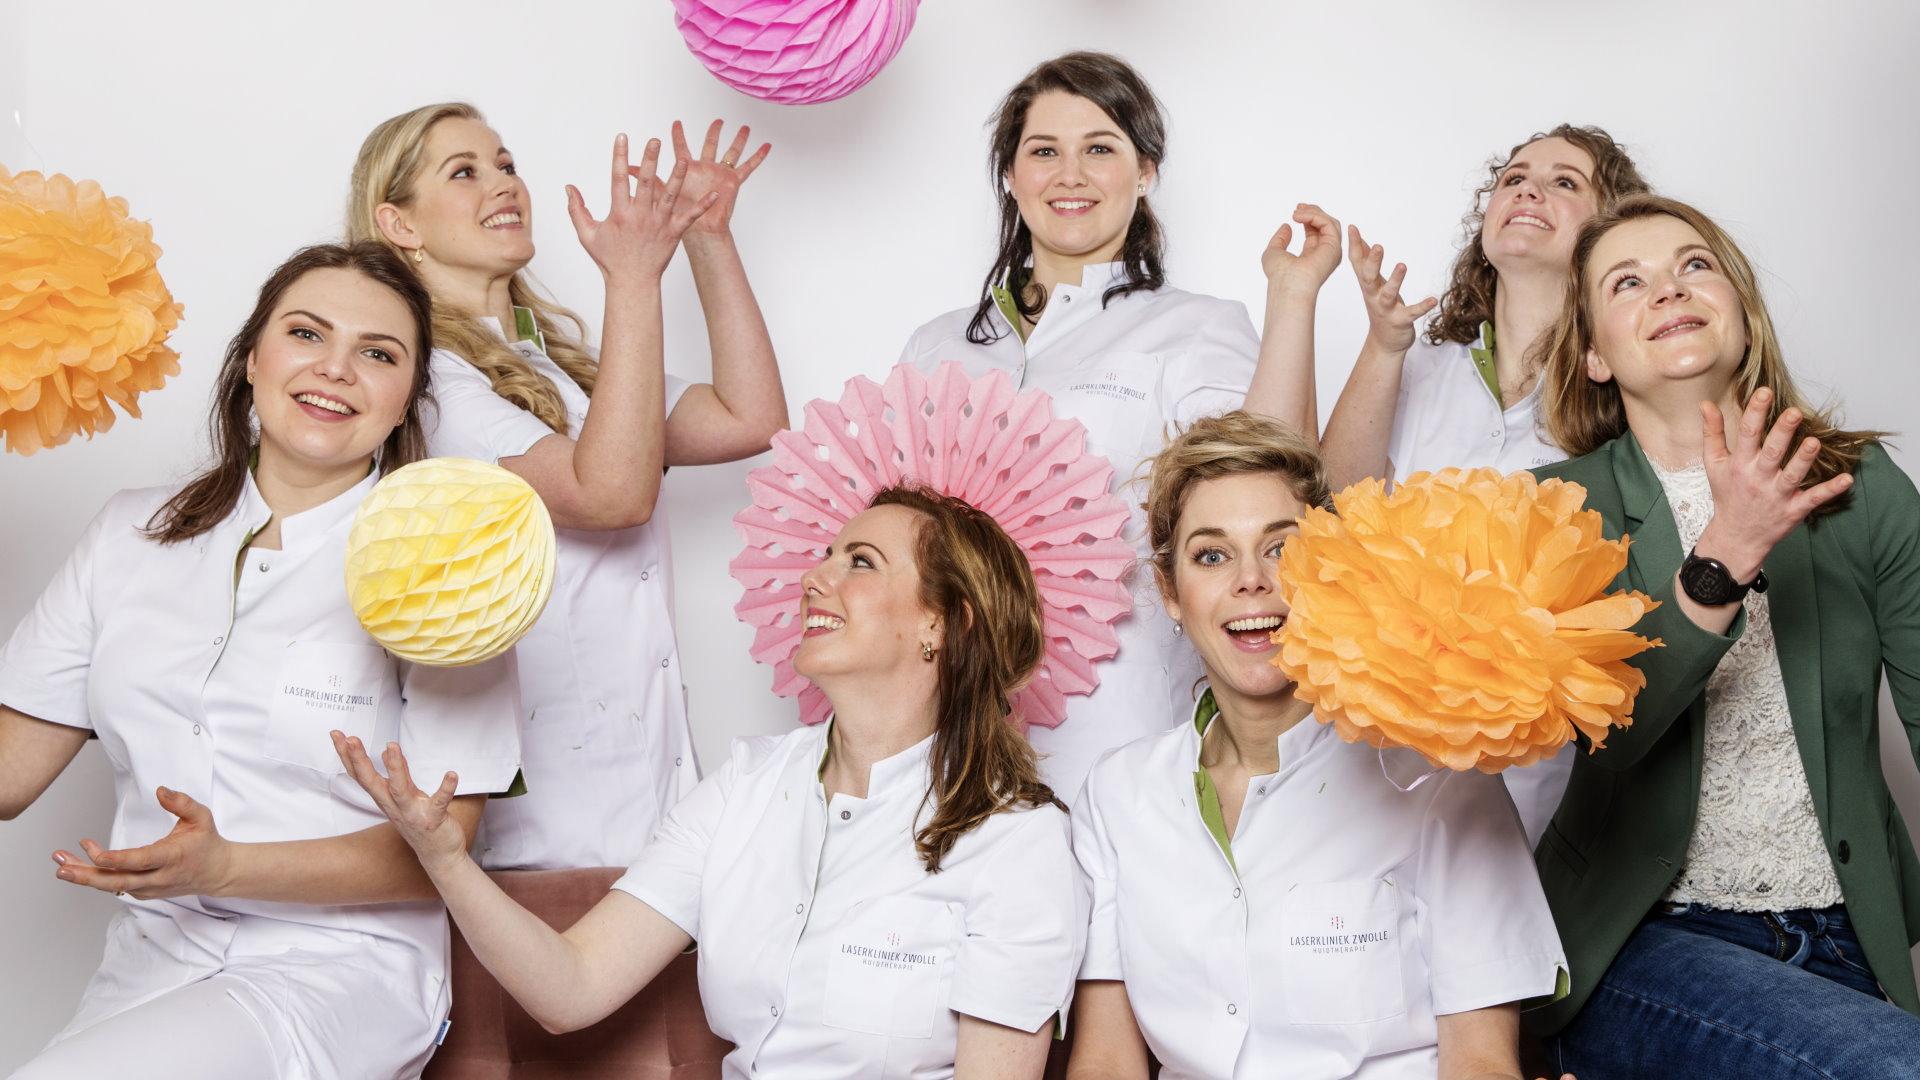 Laserkliniek Zwolle al 12,5 jaar specialist in huidtherapie en lasertherapie🎉🎈